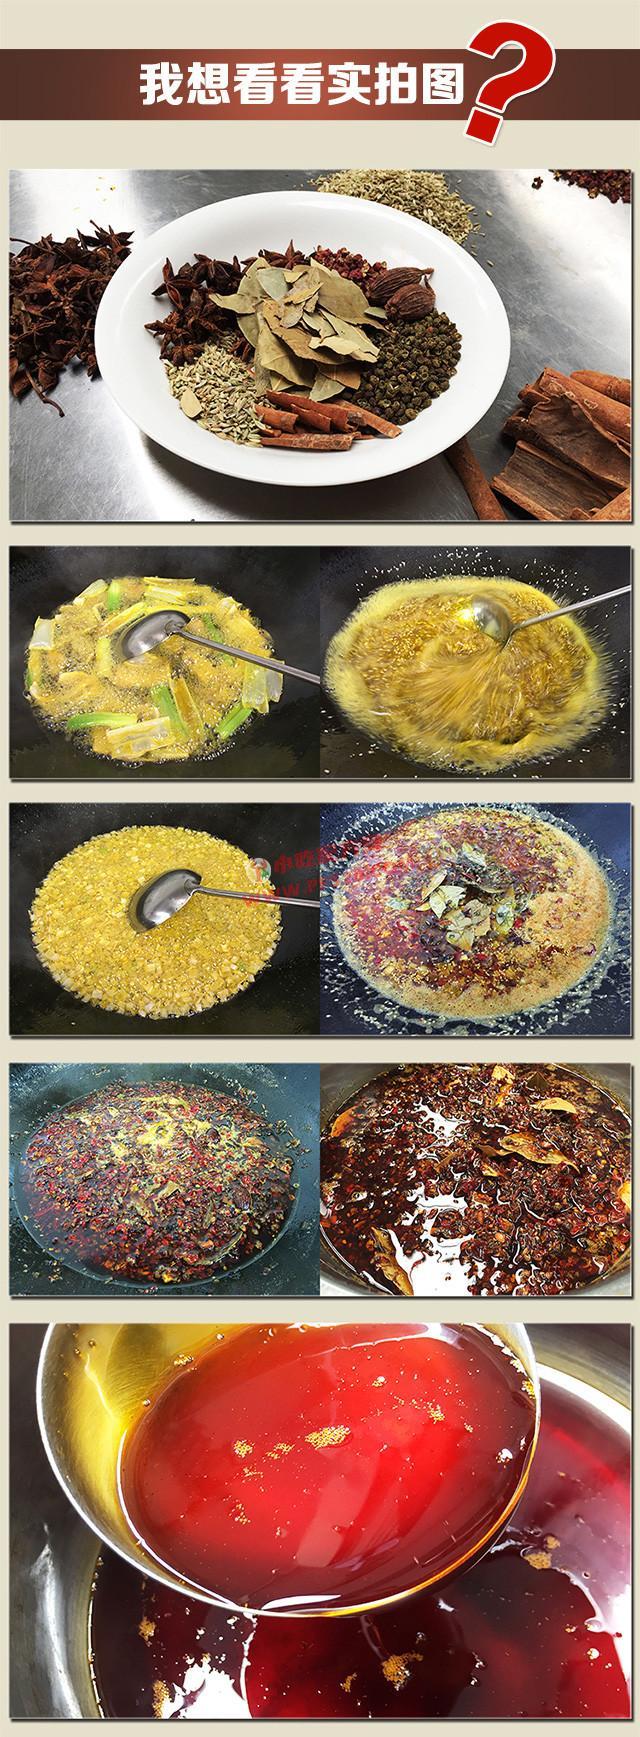 口水鸡的正宗做法和制作方法视频,配方培训教程 口水鸡 凉菜 第2张